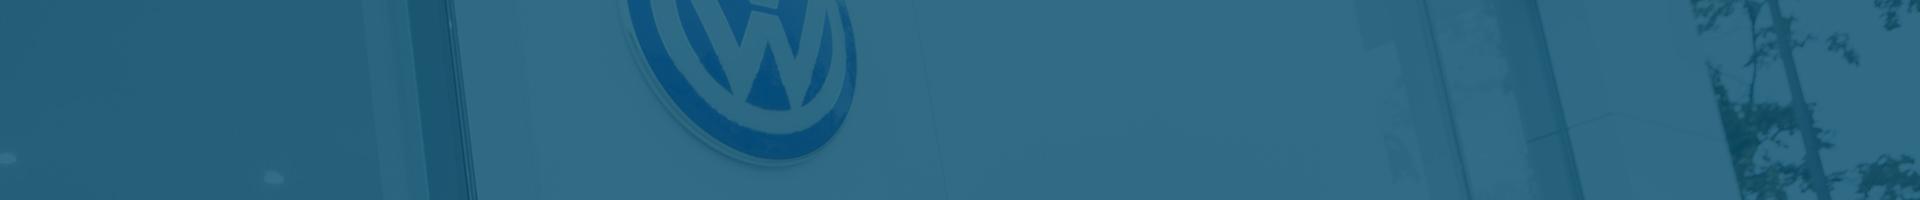 banner-localização-desktop